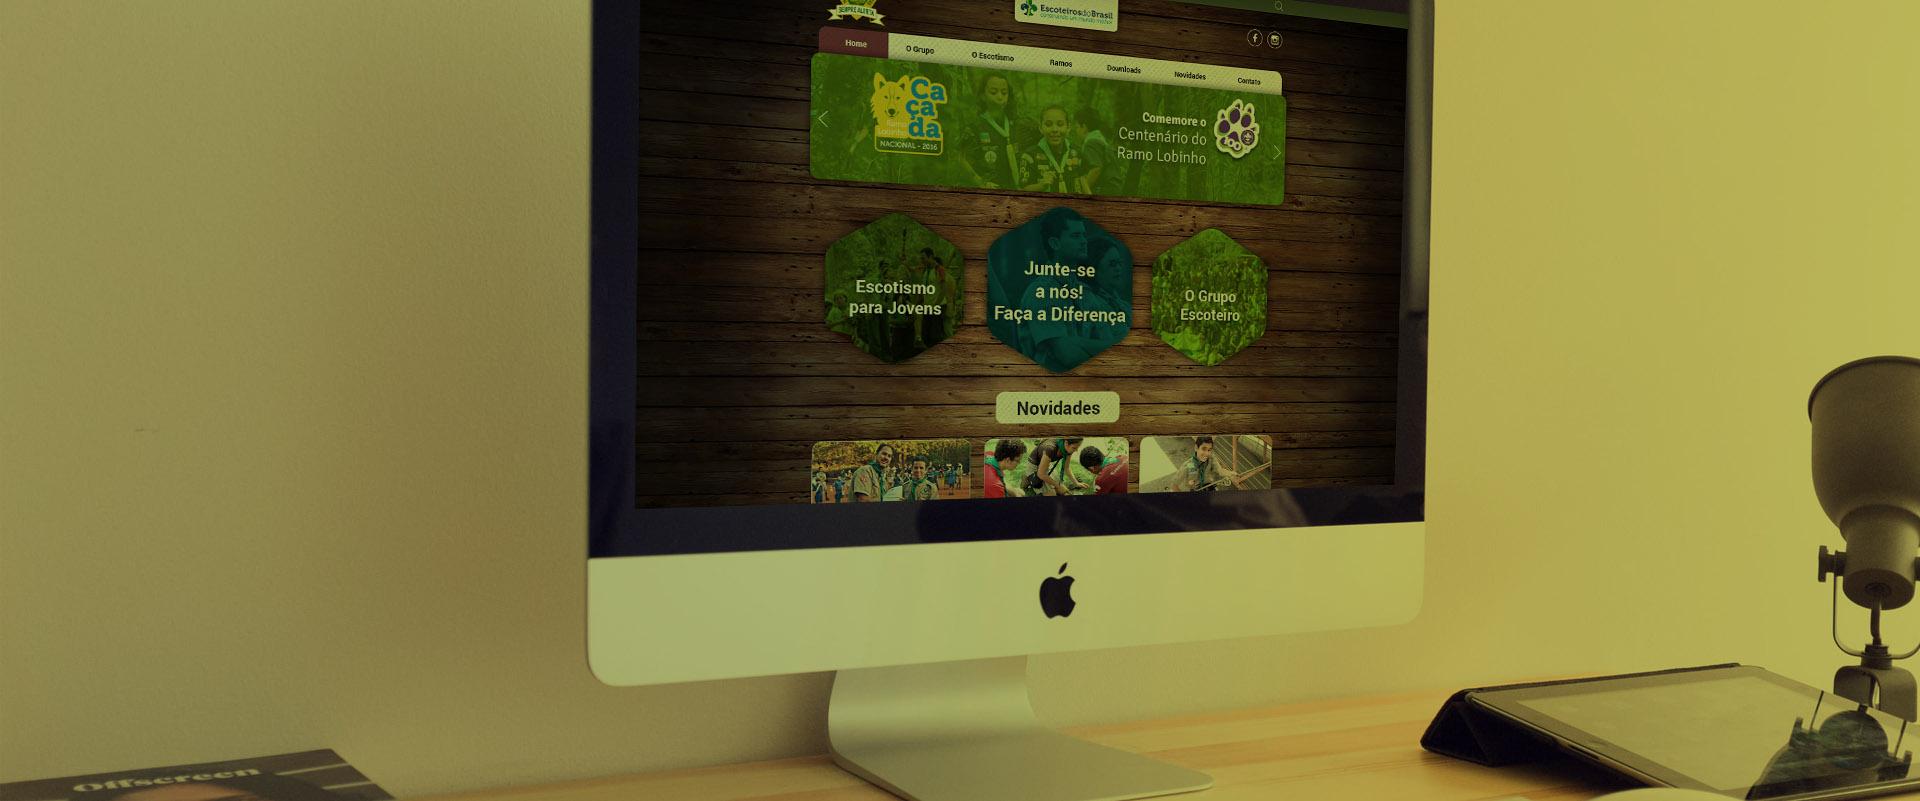 Criação de sites para escoteiros